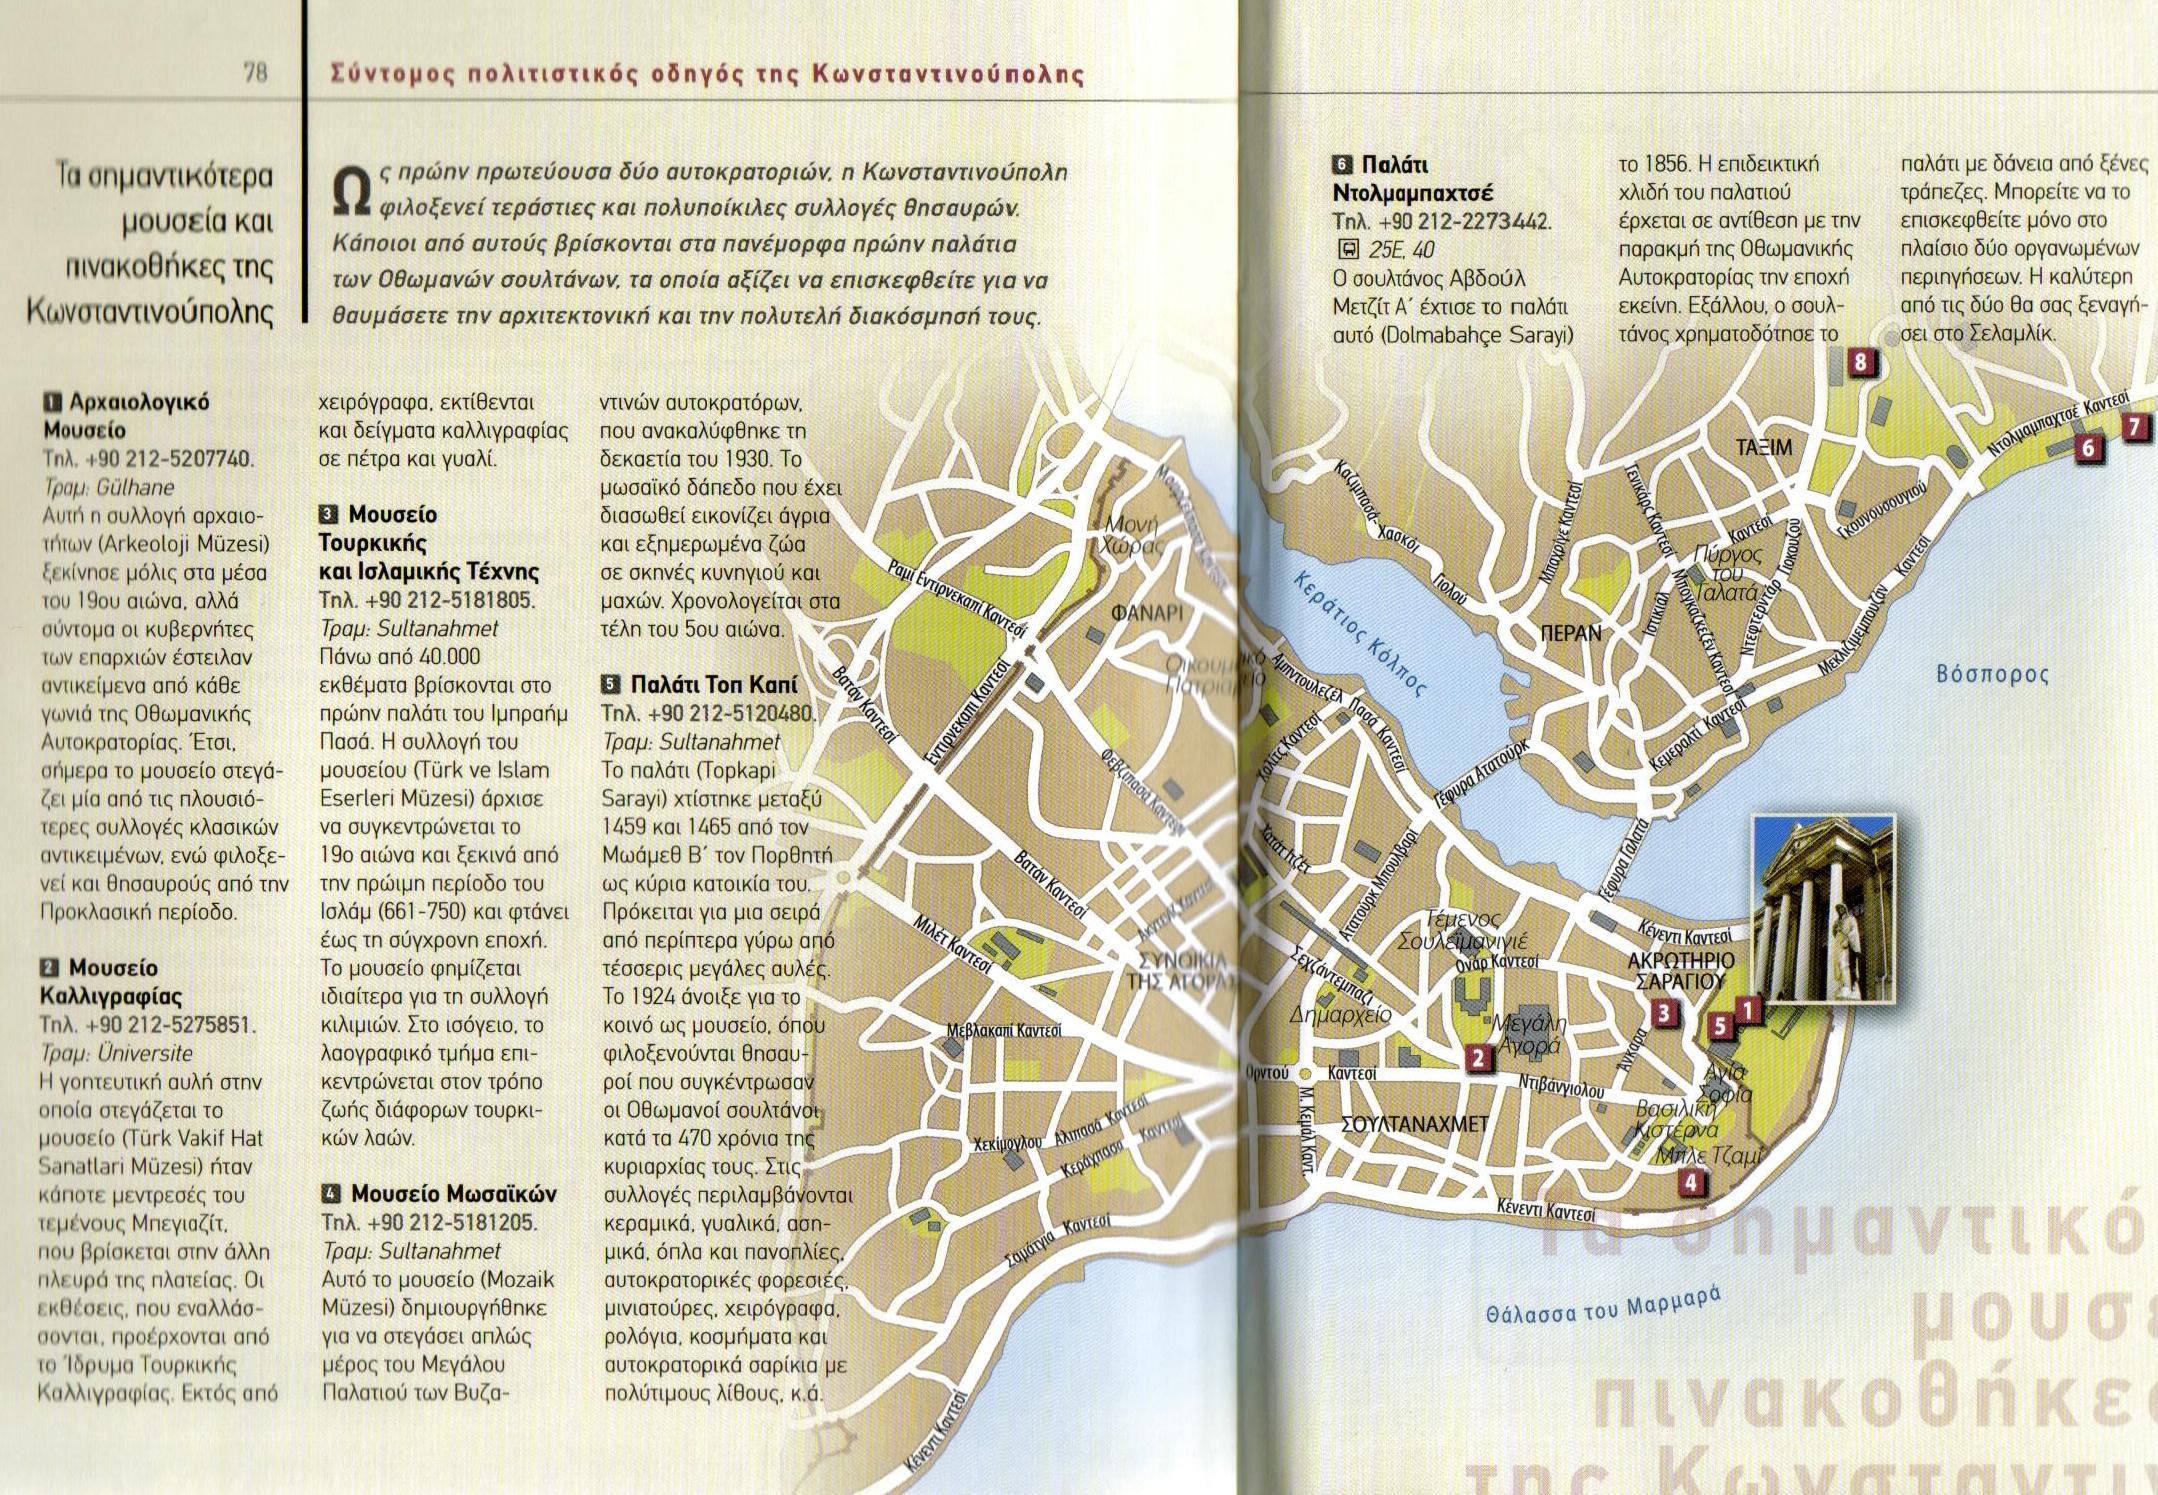 Από τον τόμο, ο χάρτης με τα μουσεία της πόλης και τη θέση του αρχαιολογικού μουσείου...